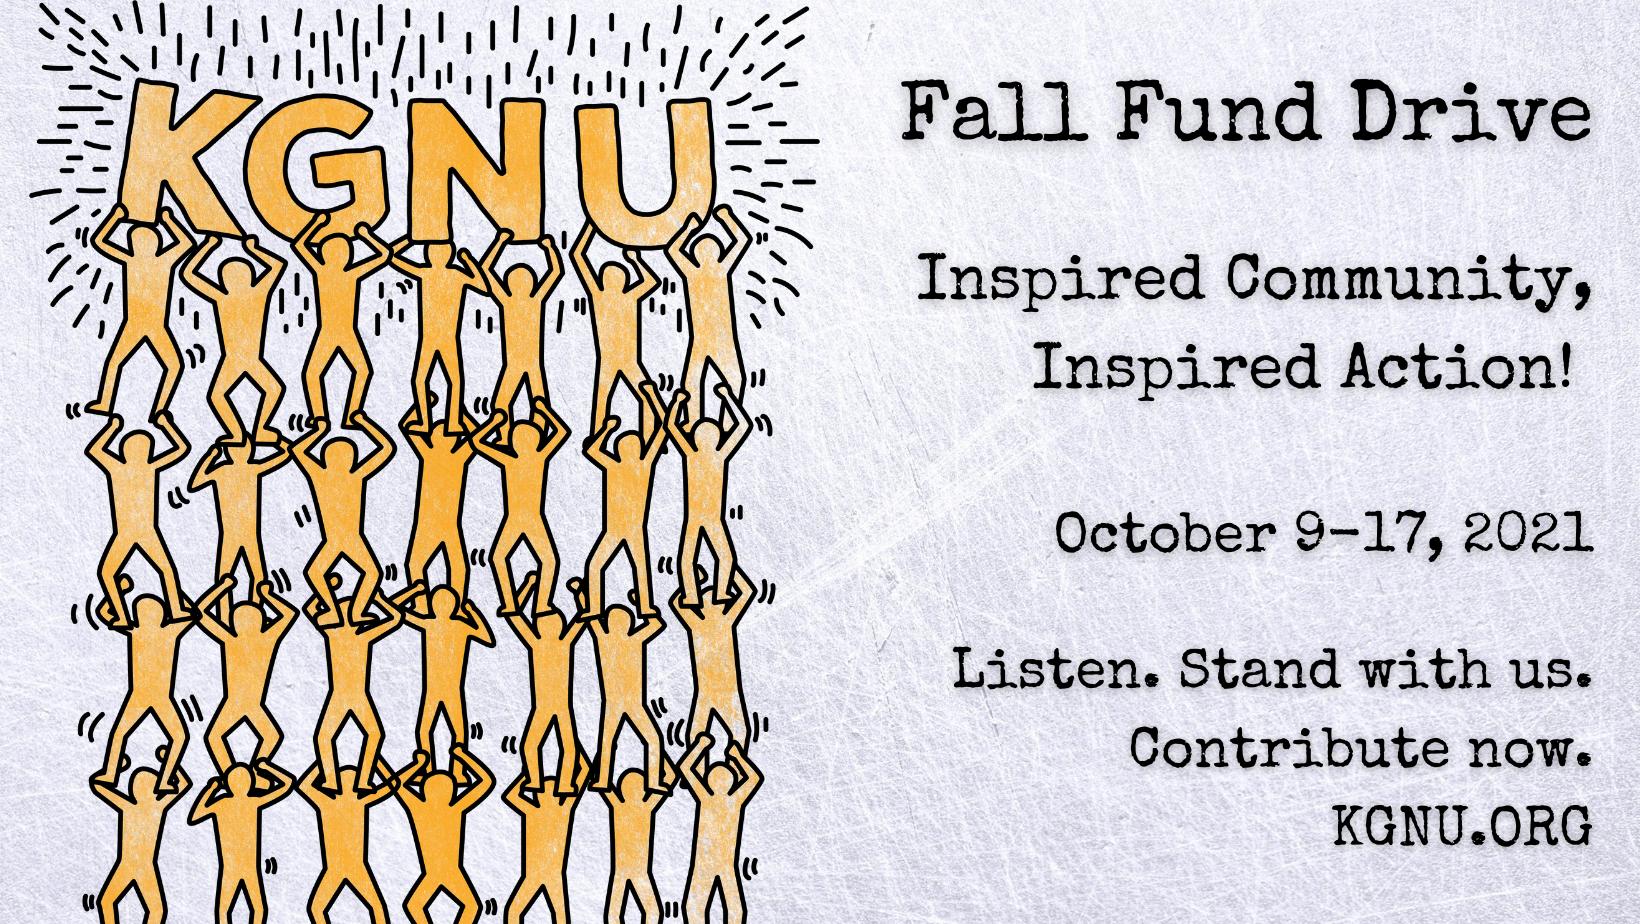 KGNU Fund Drive Music Specials - Fall 2021